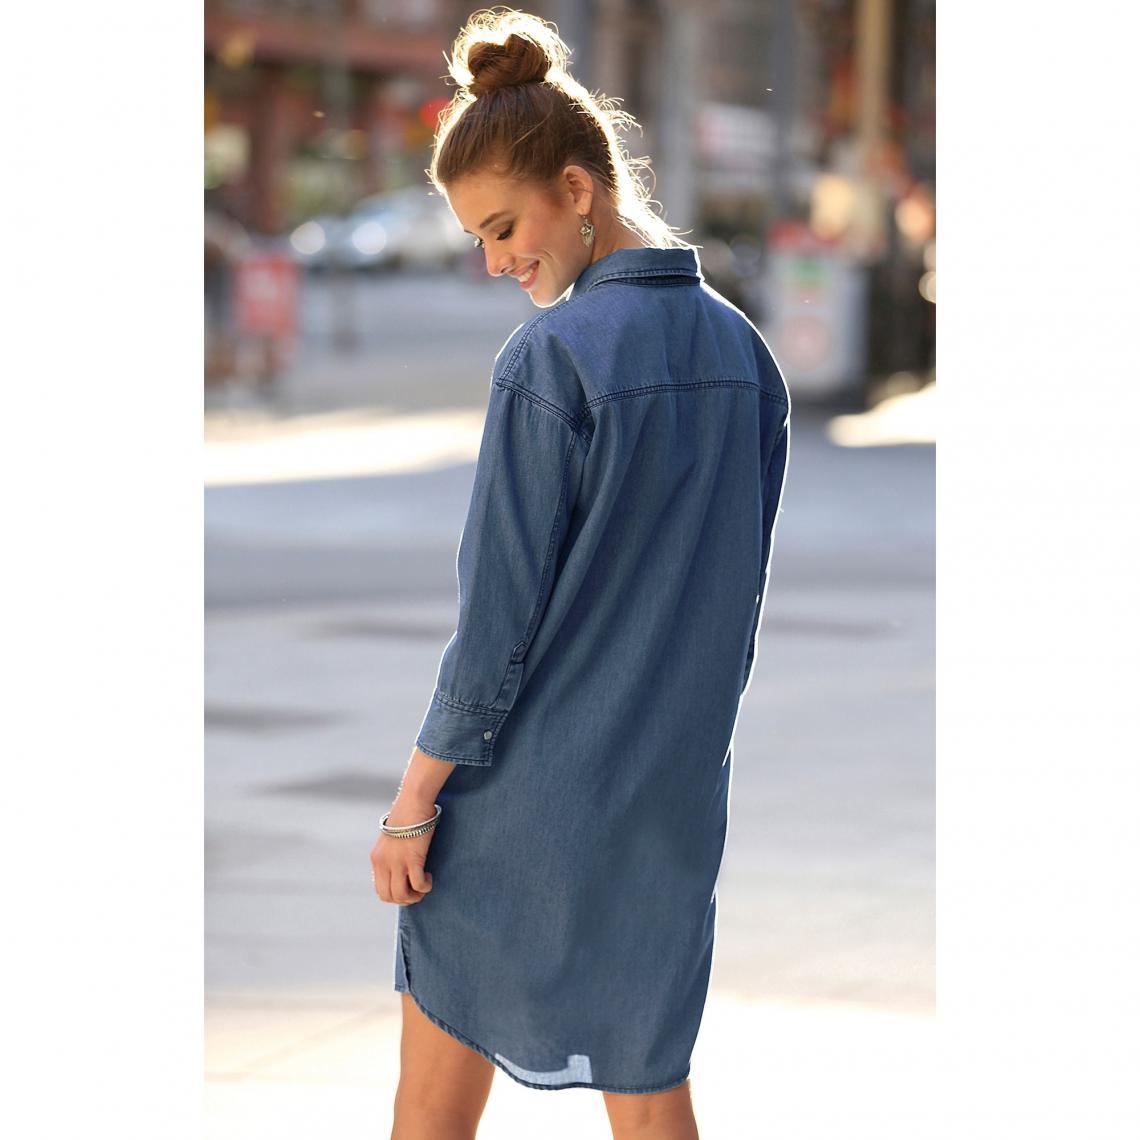 9831fce13d2 Robe-chemise en jean manches longues broderie femme - Bleu